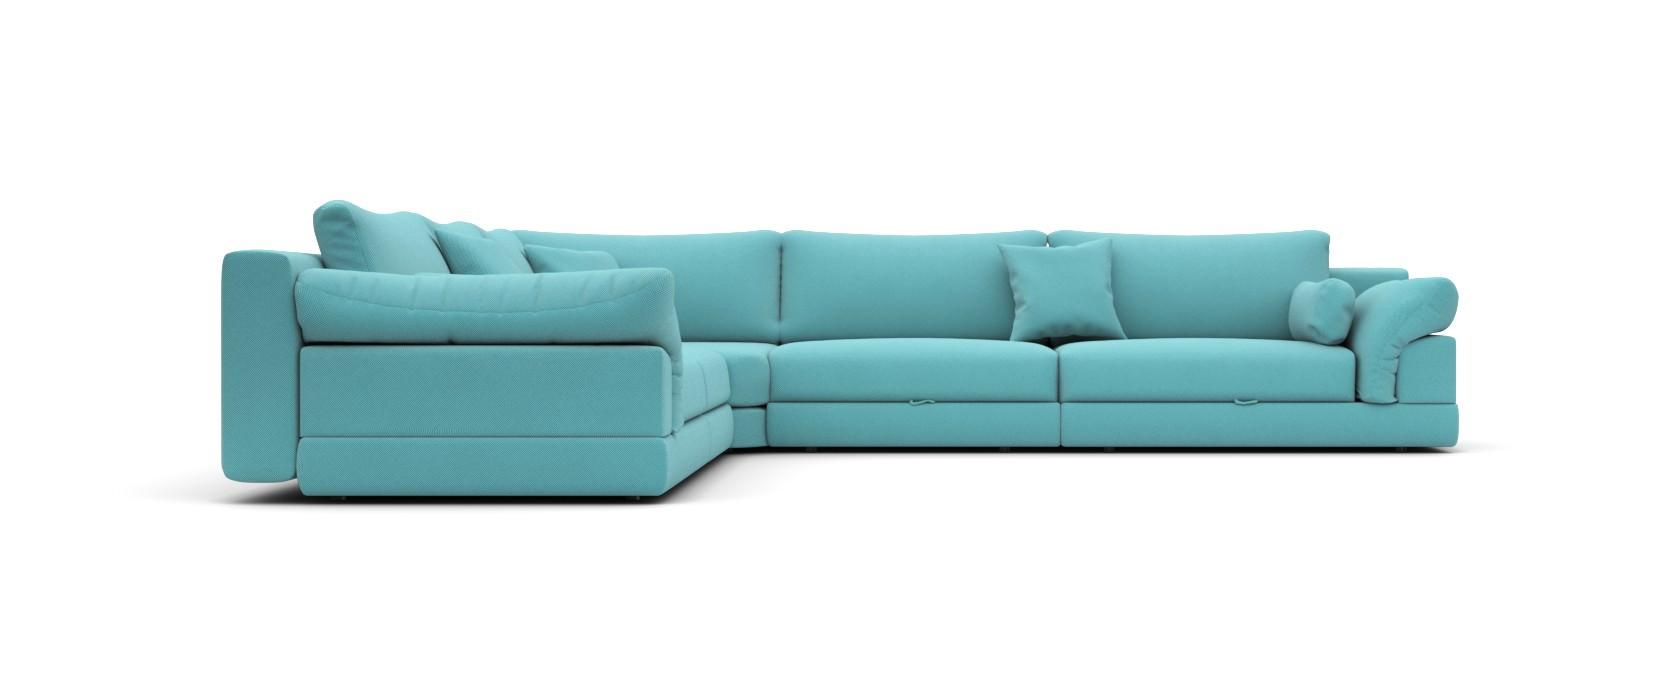 Модульный диван Claudia 355x355 - Pufetto